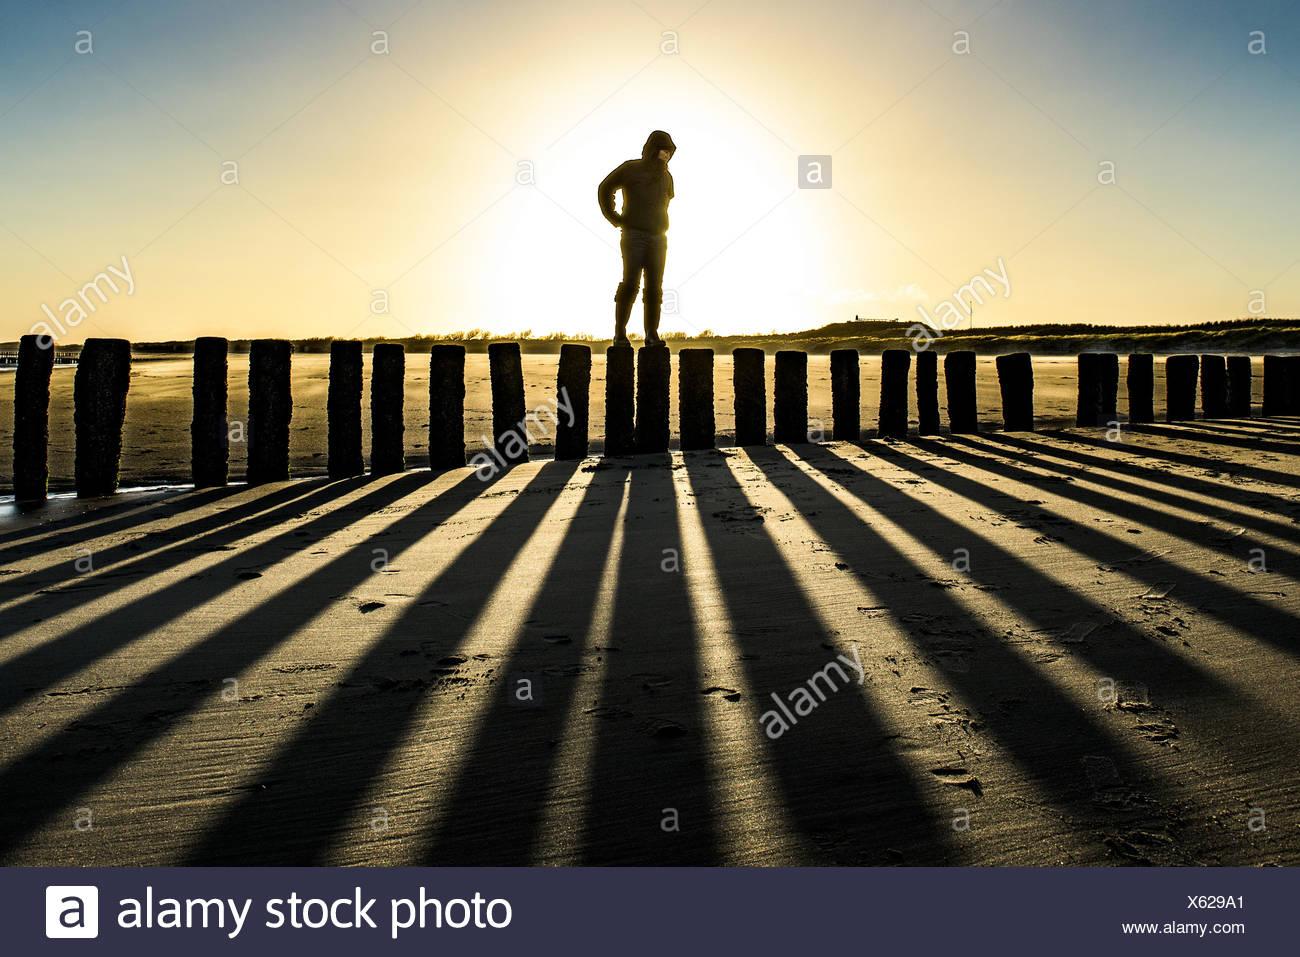 Auf Holzpfosten am Strand gegen Himmel stehende Person Stockbild